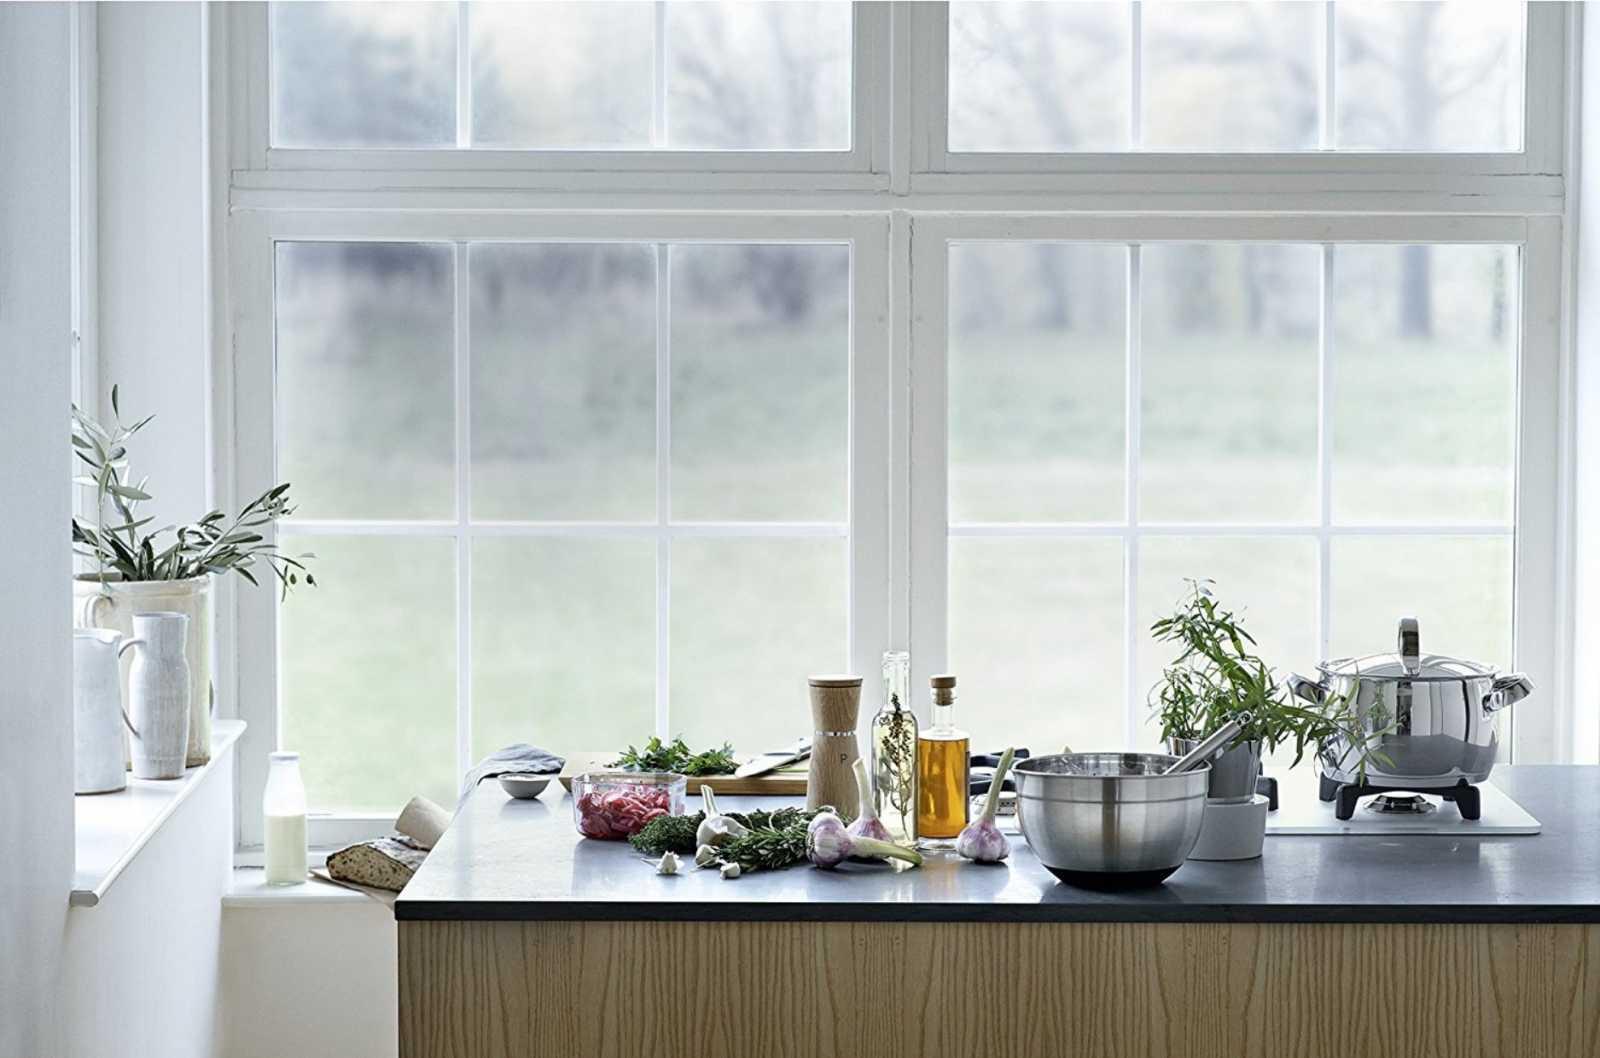 Набор мисок, 4 пр WMF Kitchen And Mixing Bowls  (06 4570 9990) WMF 06 4570 9990 фото 2